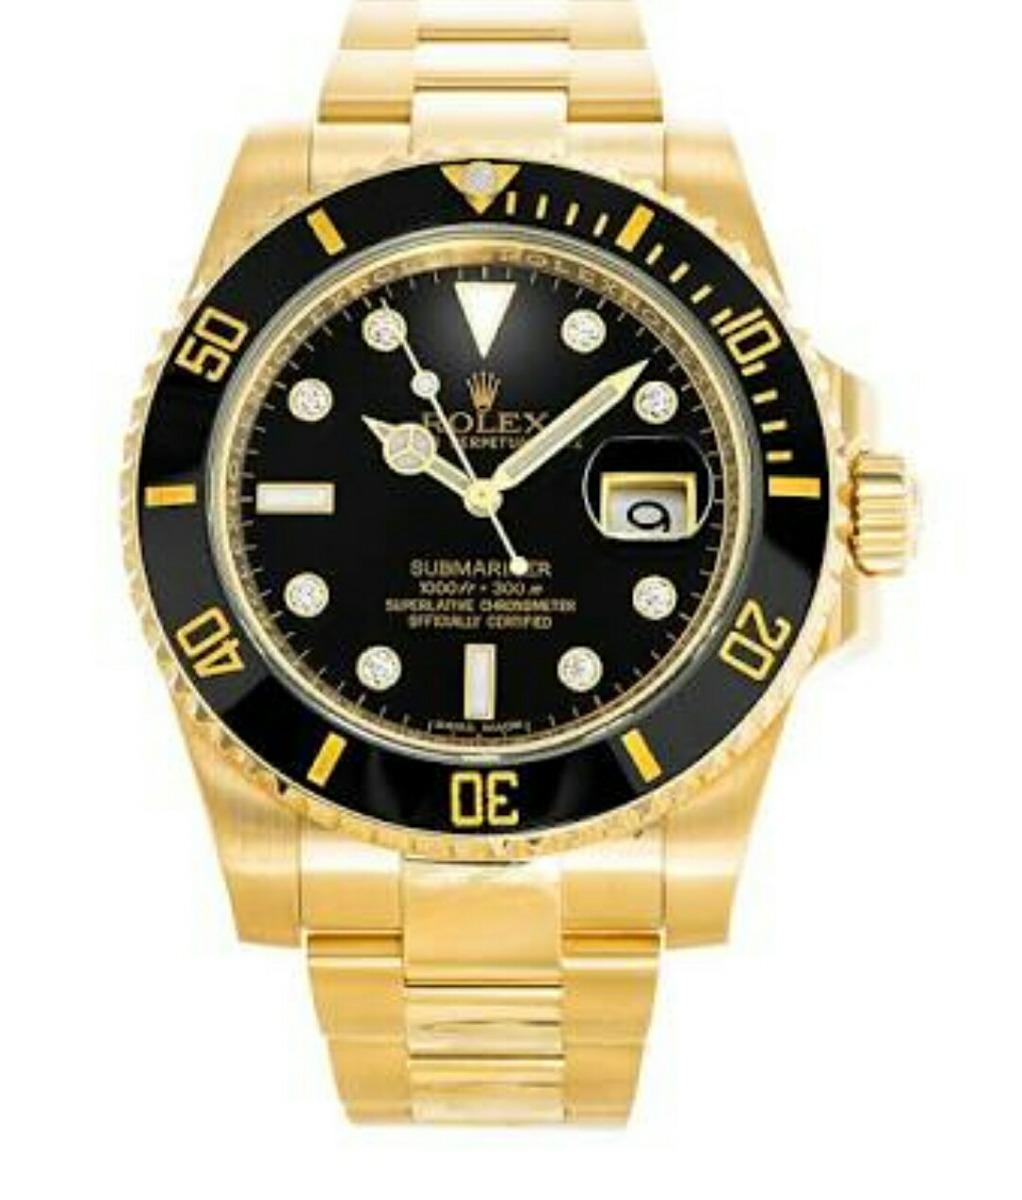 d23080911ab relógios masculinos e femininos quartz de luxo. Carregando zoom.